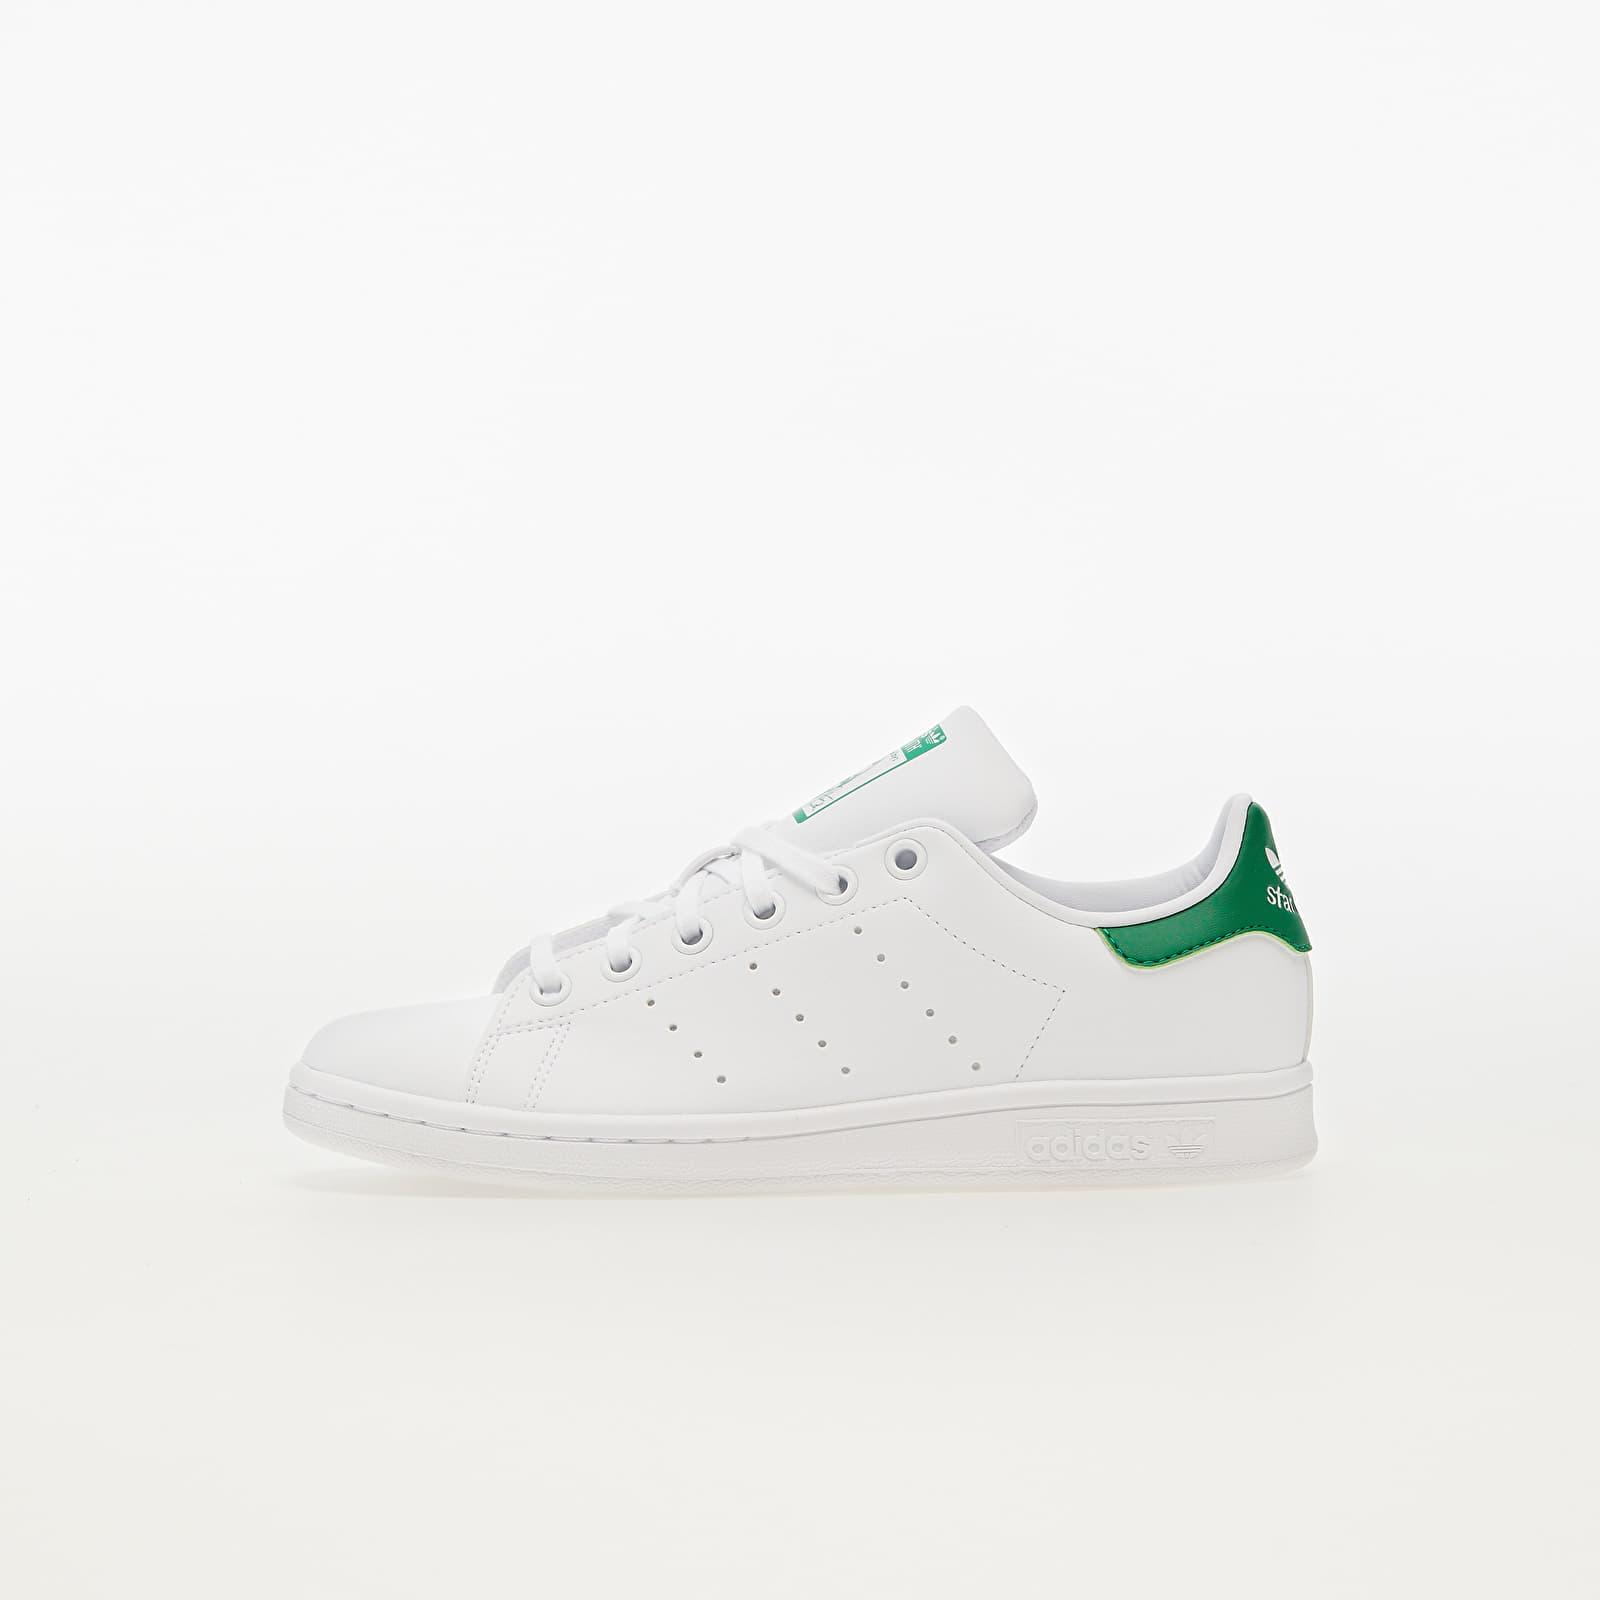 adidas Stan Smith J Ftwr White/ Ftwr White/ Green EUR 37.3